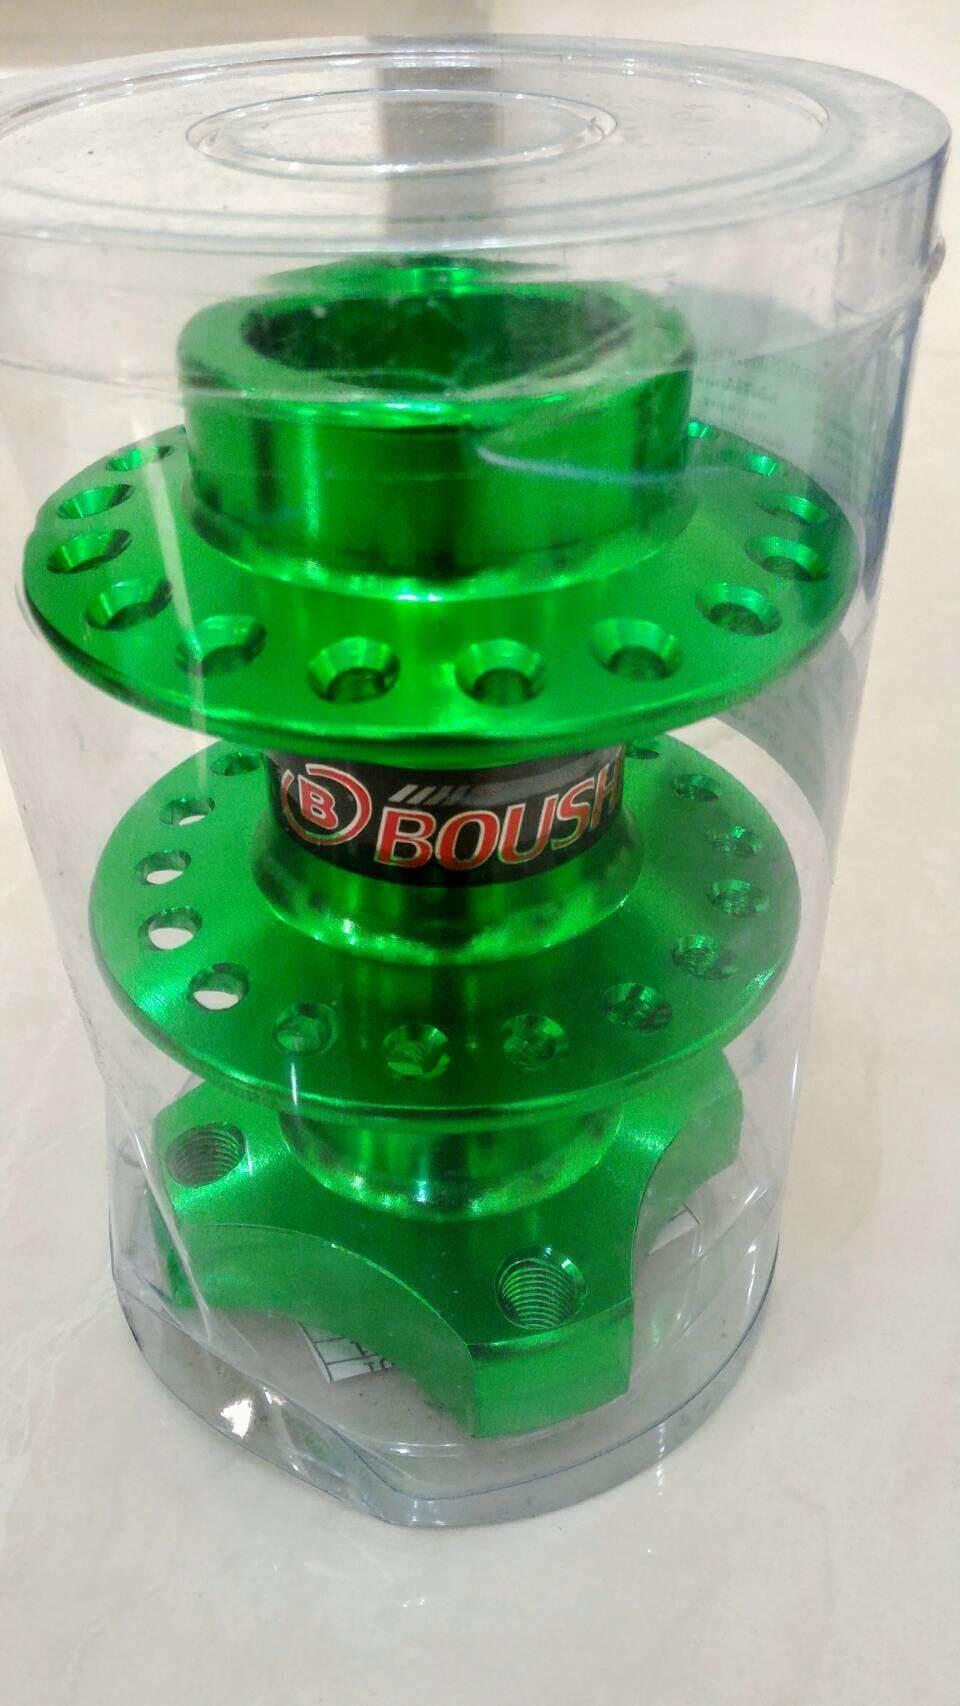 ราคา ดุมย่อล้อหลังไม่มีดิส แท้100%จากโรงงาน BOUSHI THAILAND สำหรับ เวฟทุกรุ่น ดรีมซุปเปอร์คัพ โซนิค แดส wave sonic Dash(สีเขียว)ส่งฟรี